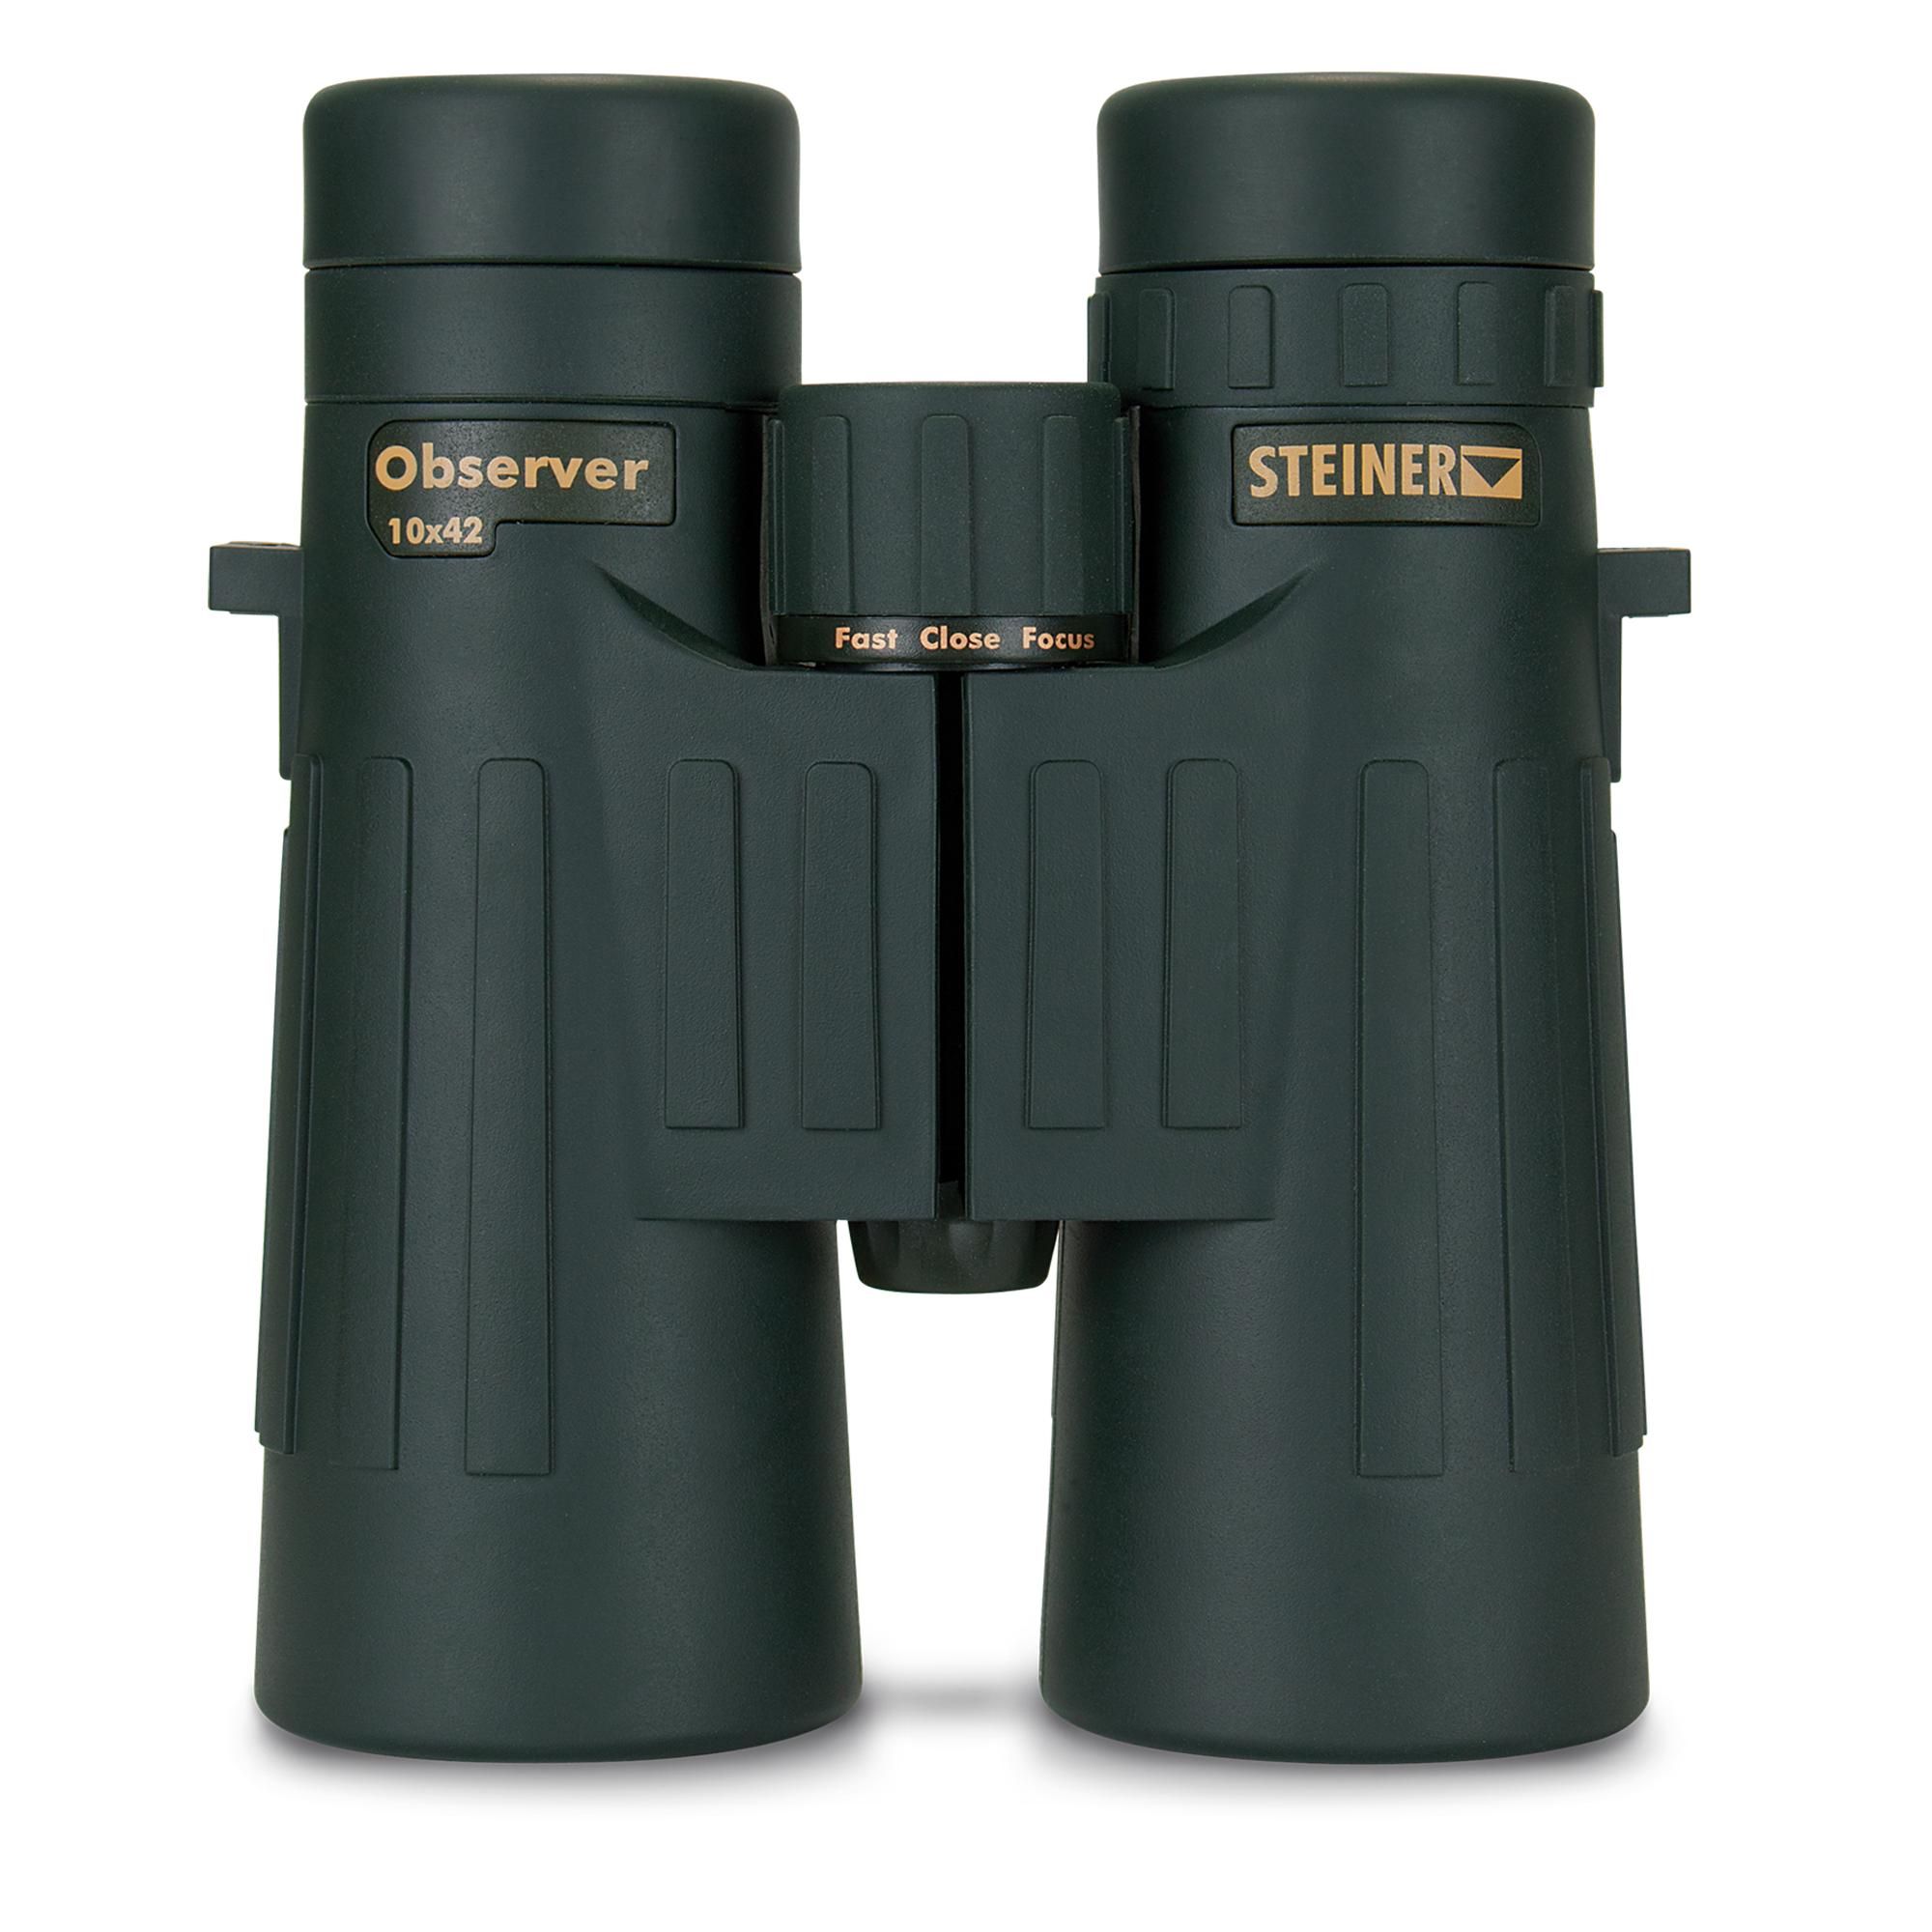 Steiner Observer 10x42 Binocular